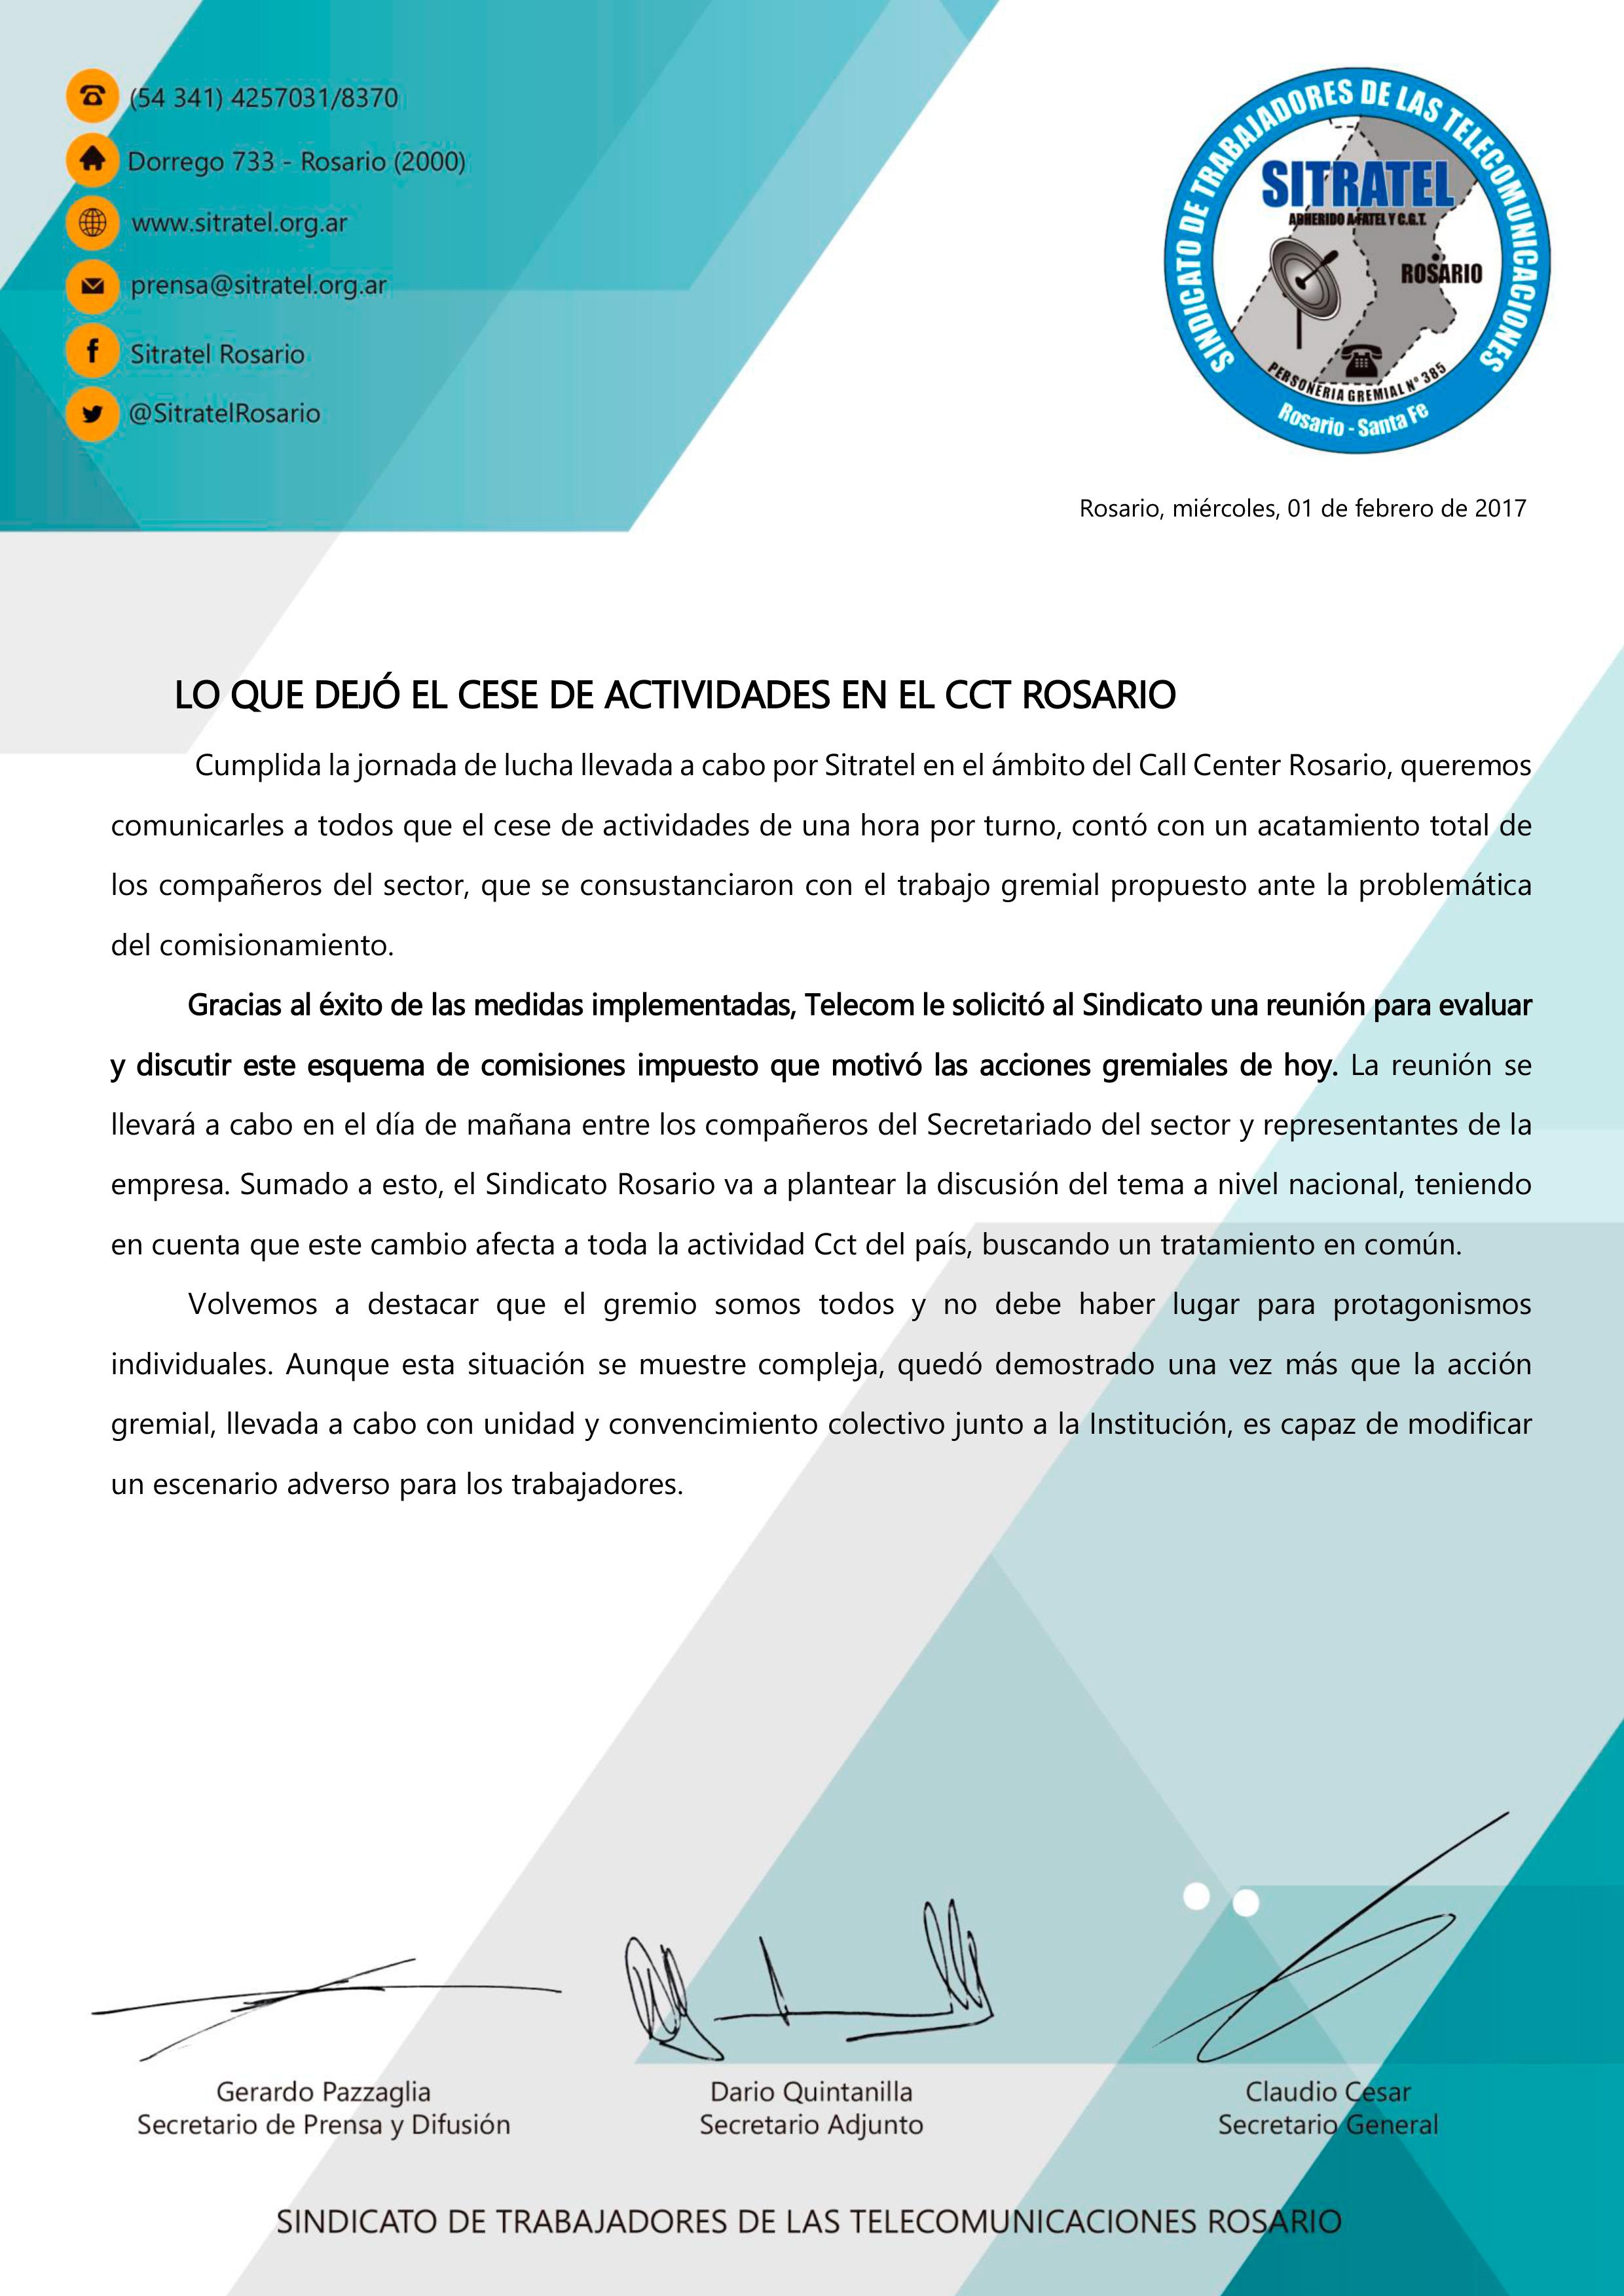 LO-QUE-DEJÓ-EL-CESE-DE-ACTIVIDADES-EN-EL-CCT-ROSARIO